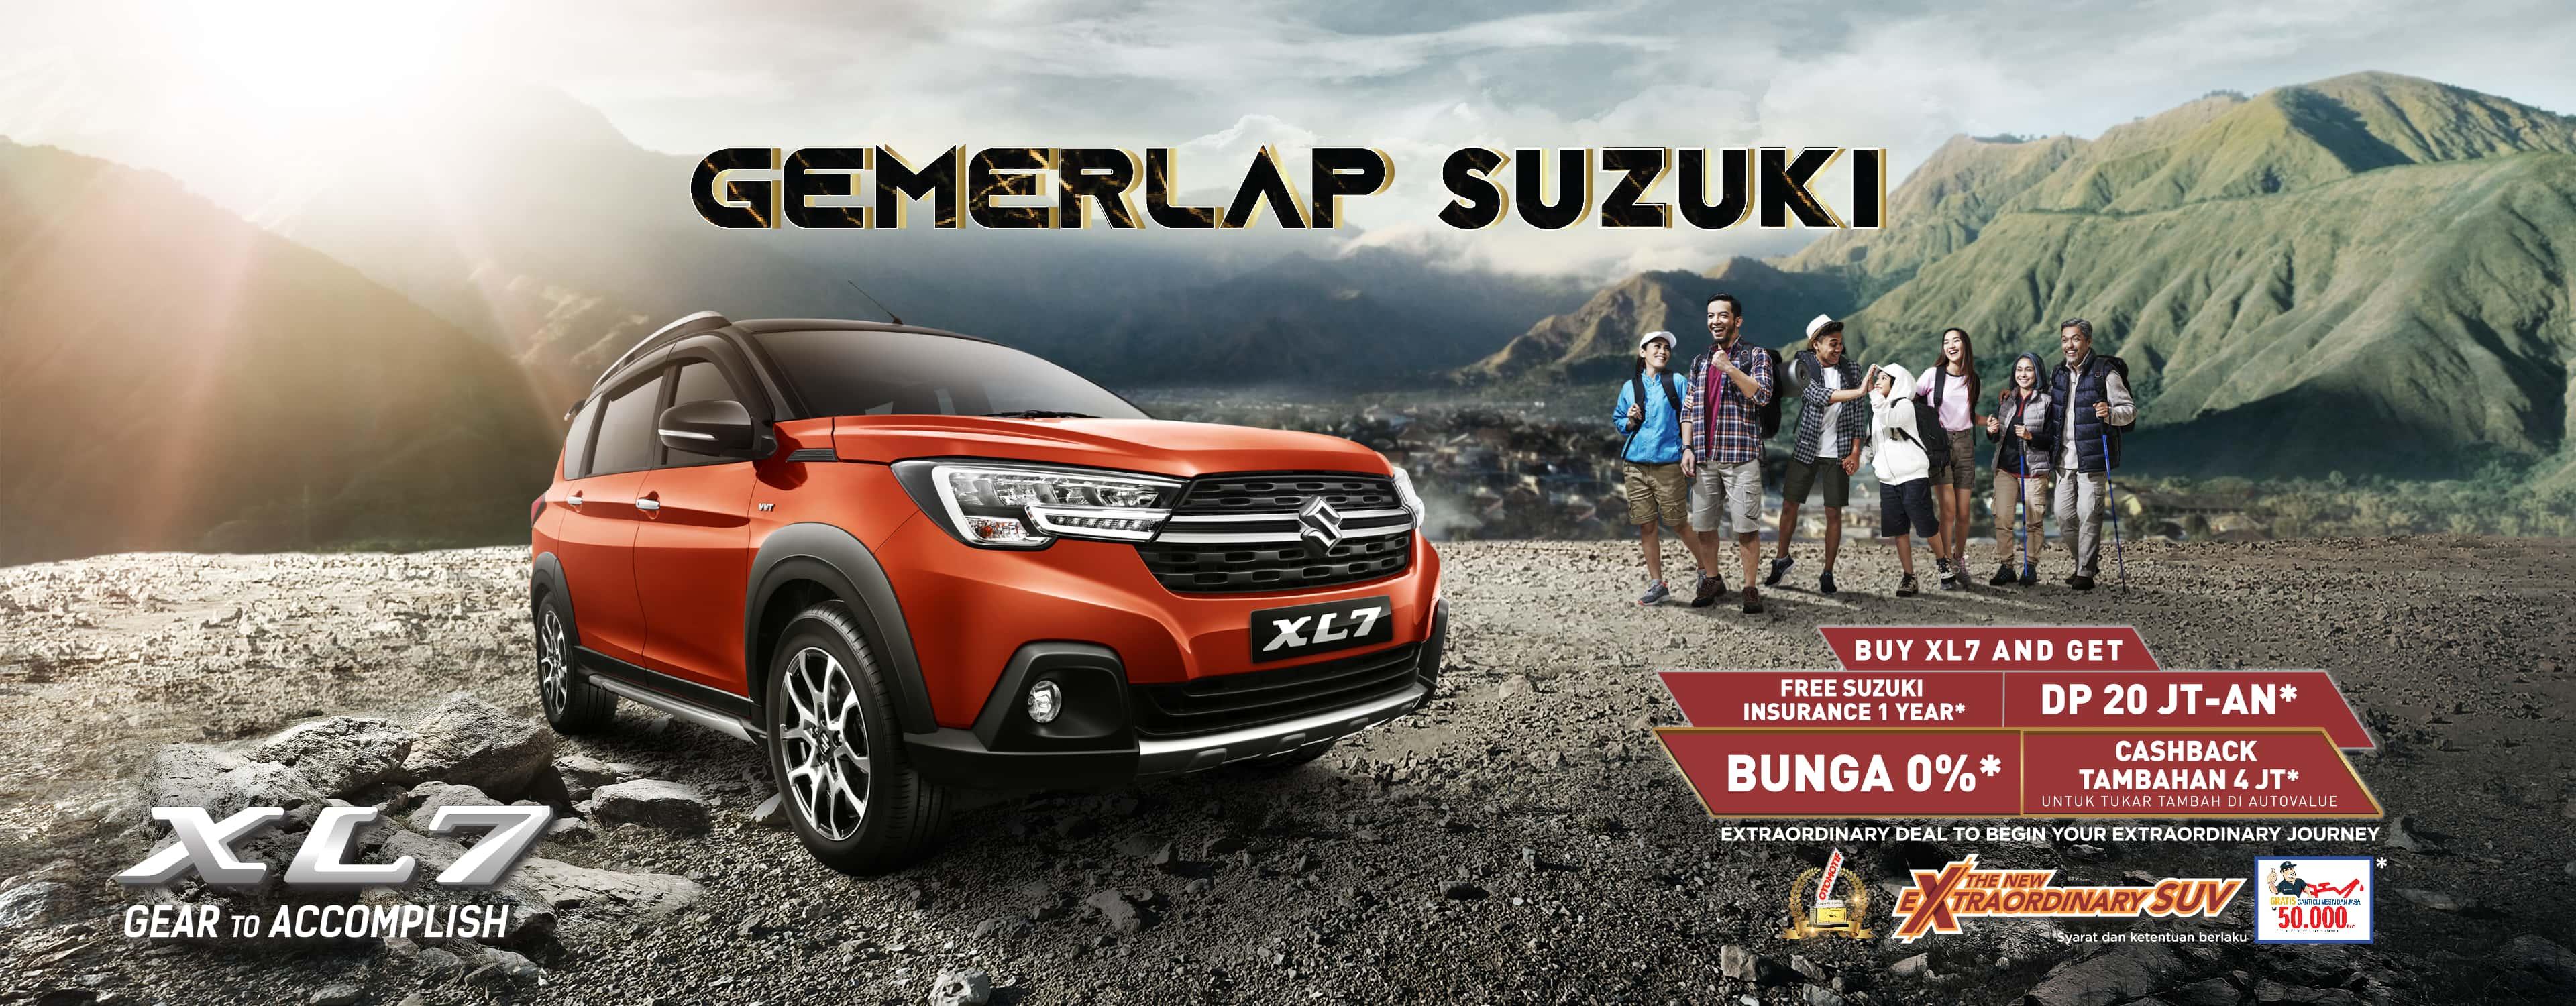 Promo Suzuki XL7